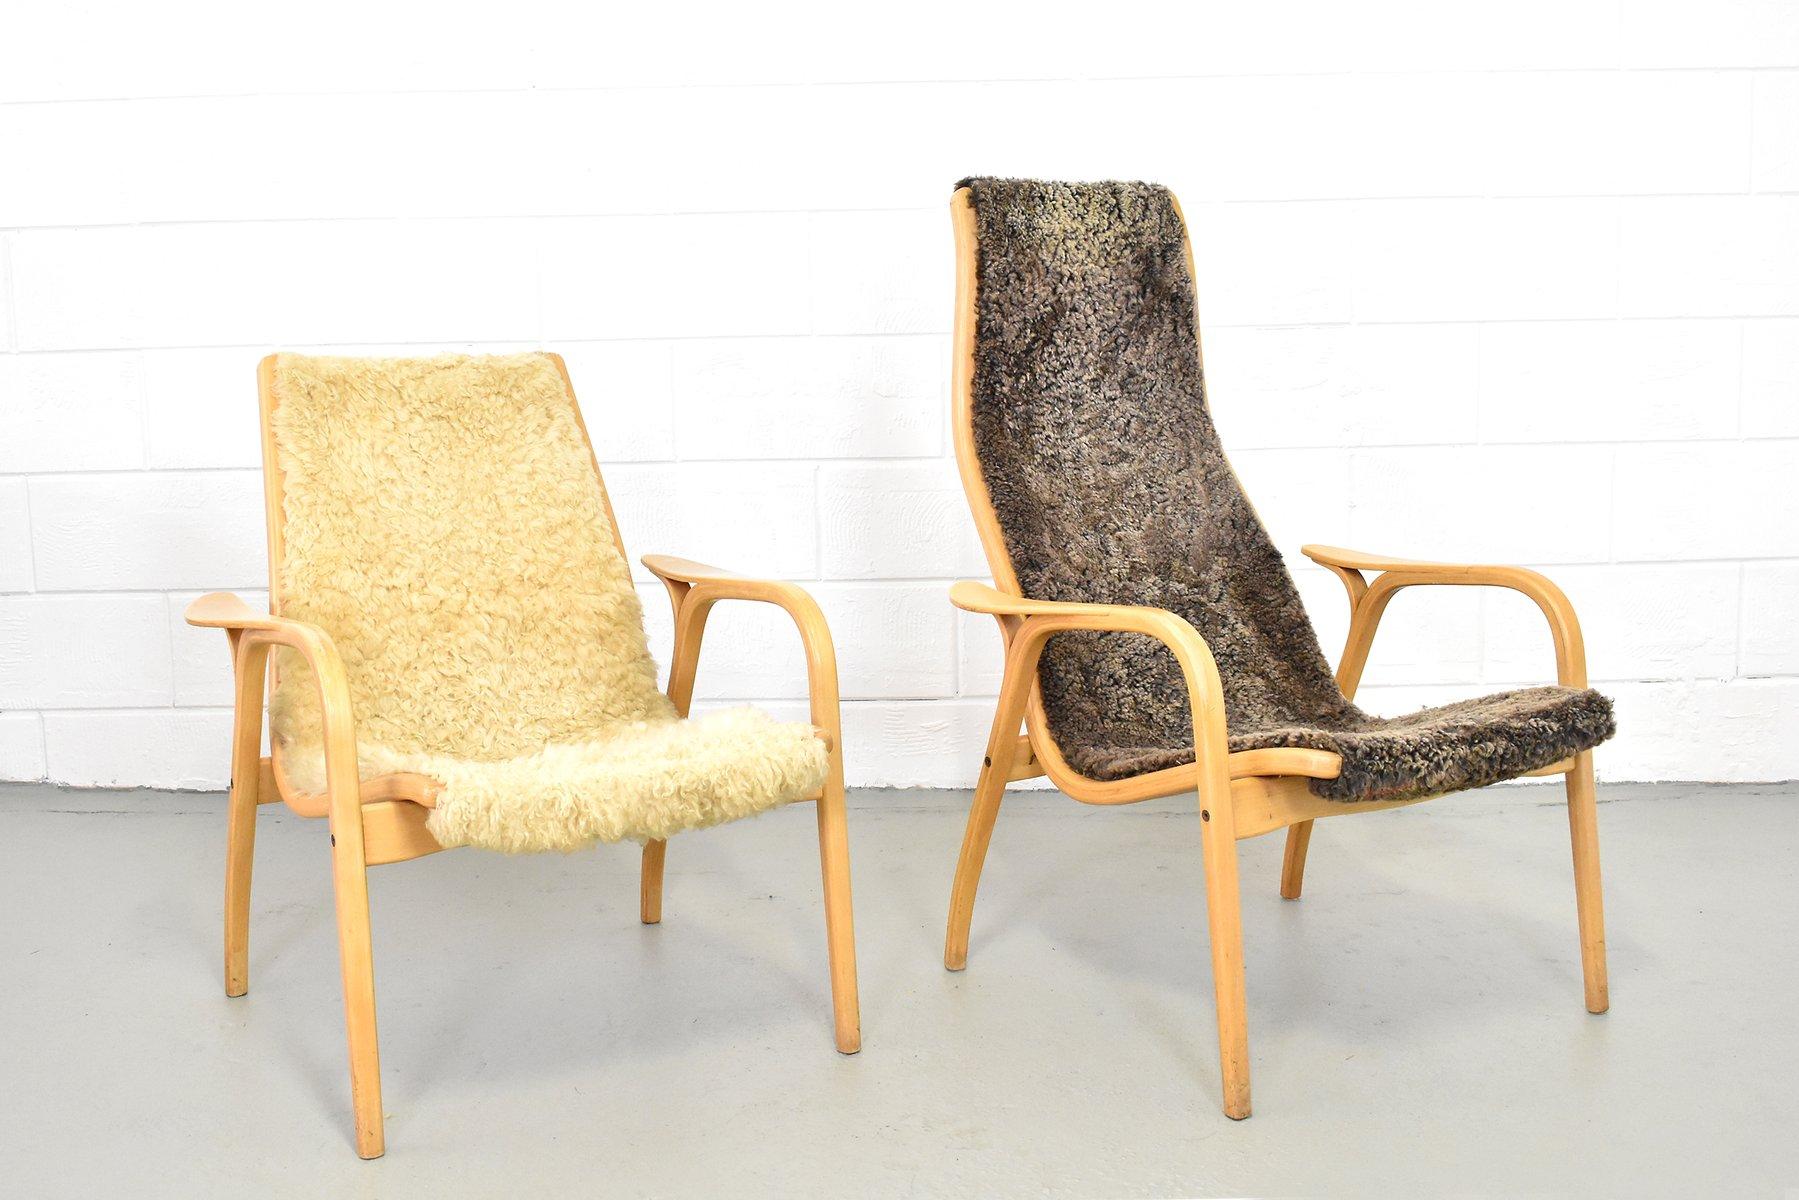 chaises lamino vintage en peau de mouton par yngve ekstr m pour swedese set de 2 en vente sur. Black Bedroom Furniture Sets. Home Design Ideas